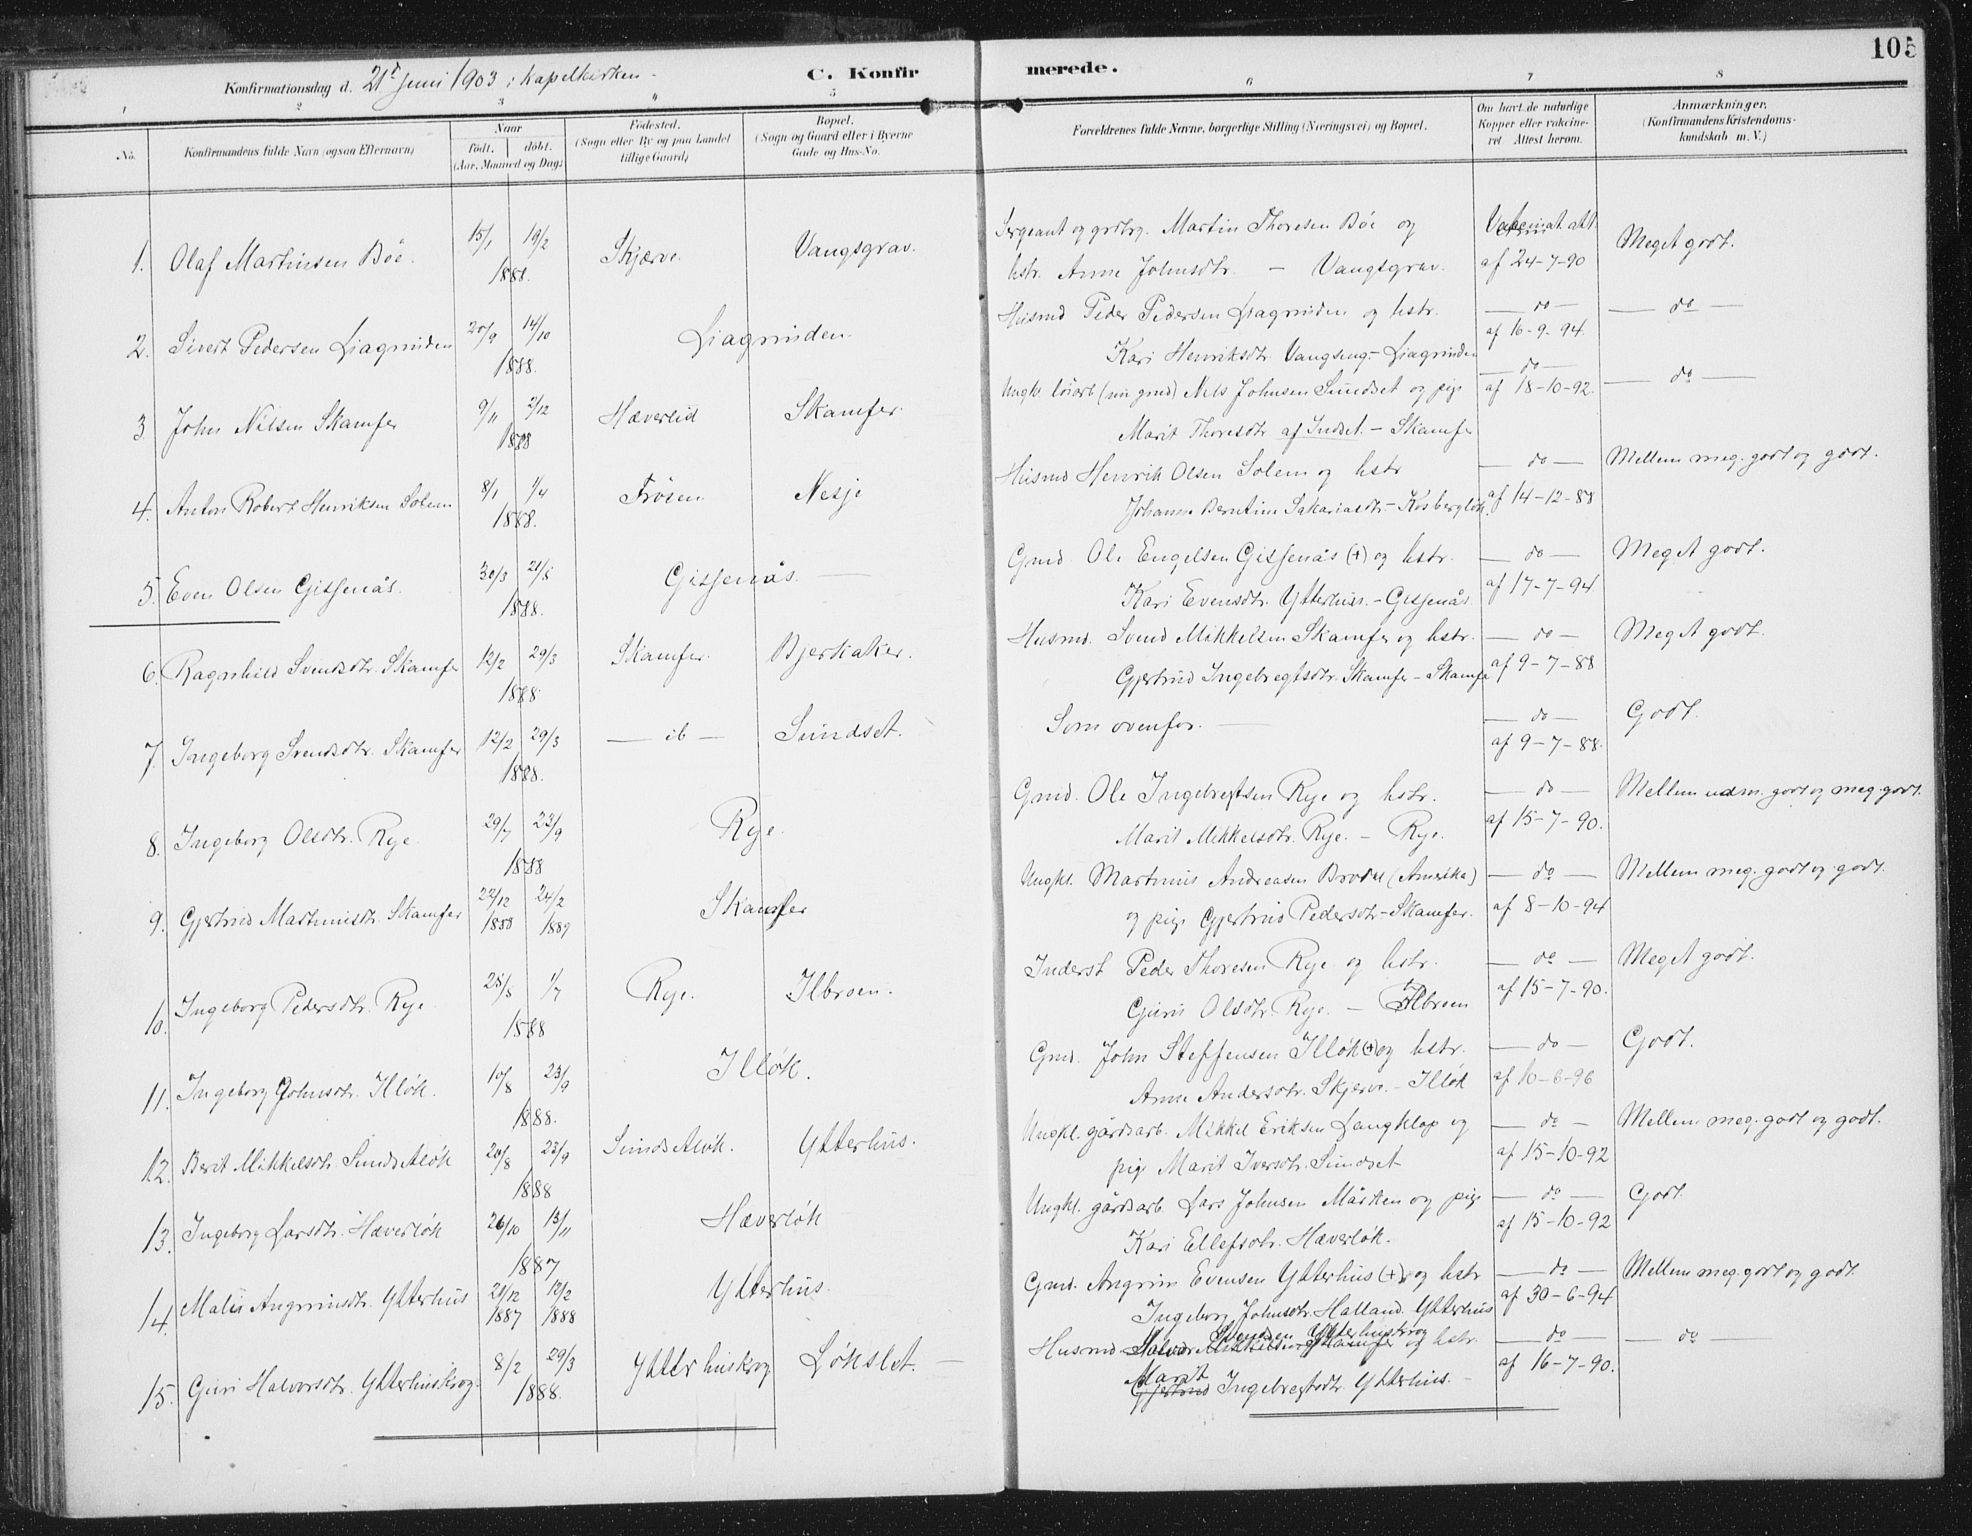 SAT, Ministerialprotokoller, klokkerbøker og fødselsregistre - Sør-Trøndelag, 674/L0872: Ministerialbok nr. 674A04, 1897-1907, s. 105